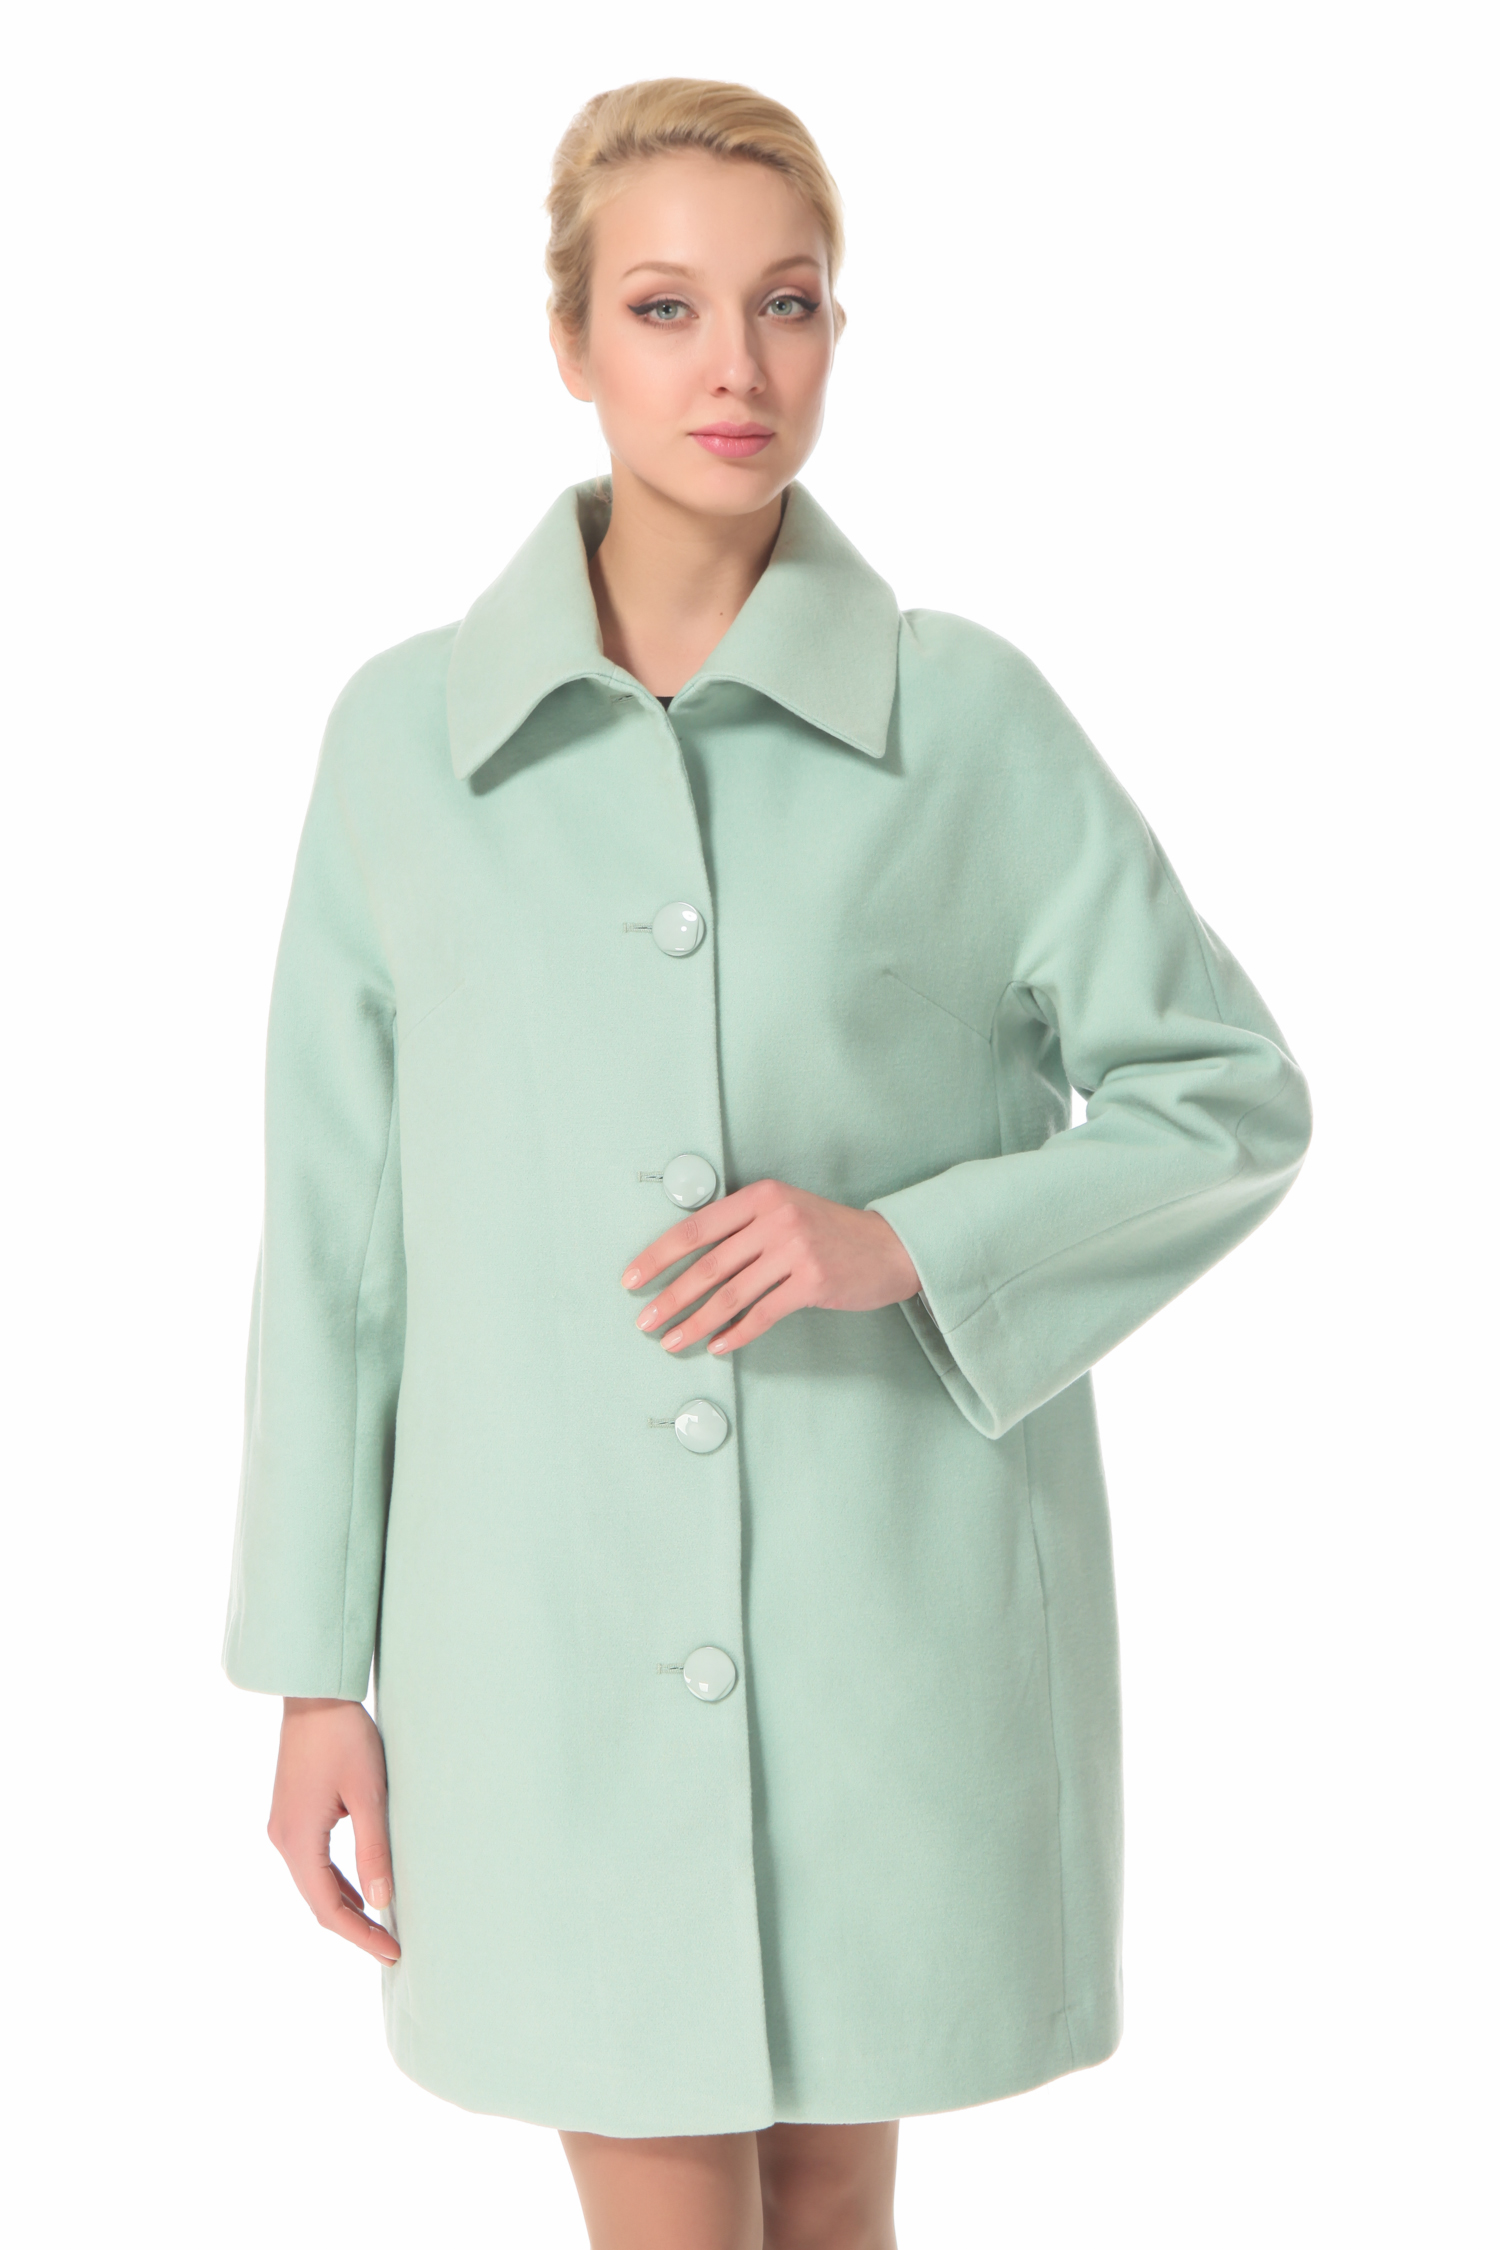 Женское пальто с воротником, без отделки<br><br>Воротник: Обычный<br>Длина см: 90<br>Материал: 20% шерсть 70% полиэстер 10% в<br>Цвет: Зеленый<br>Пол: Женский